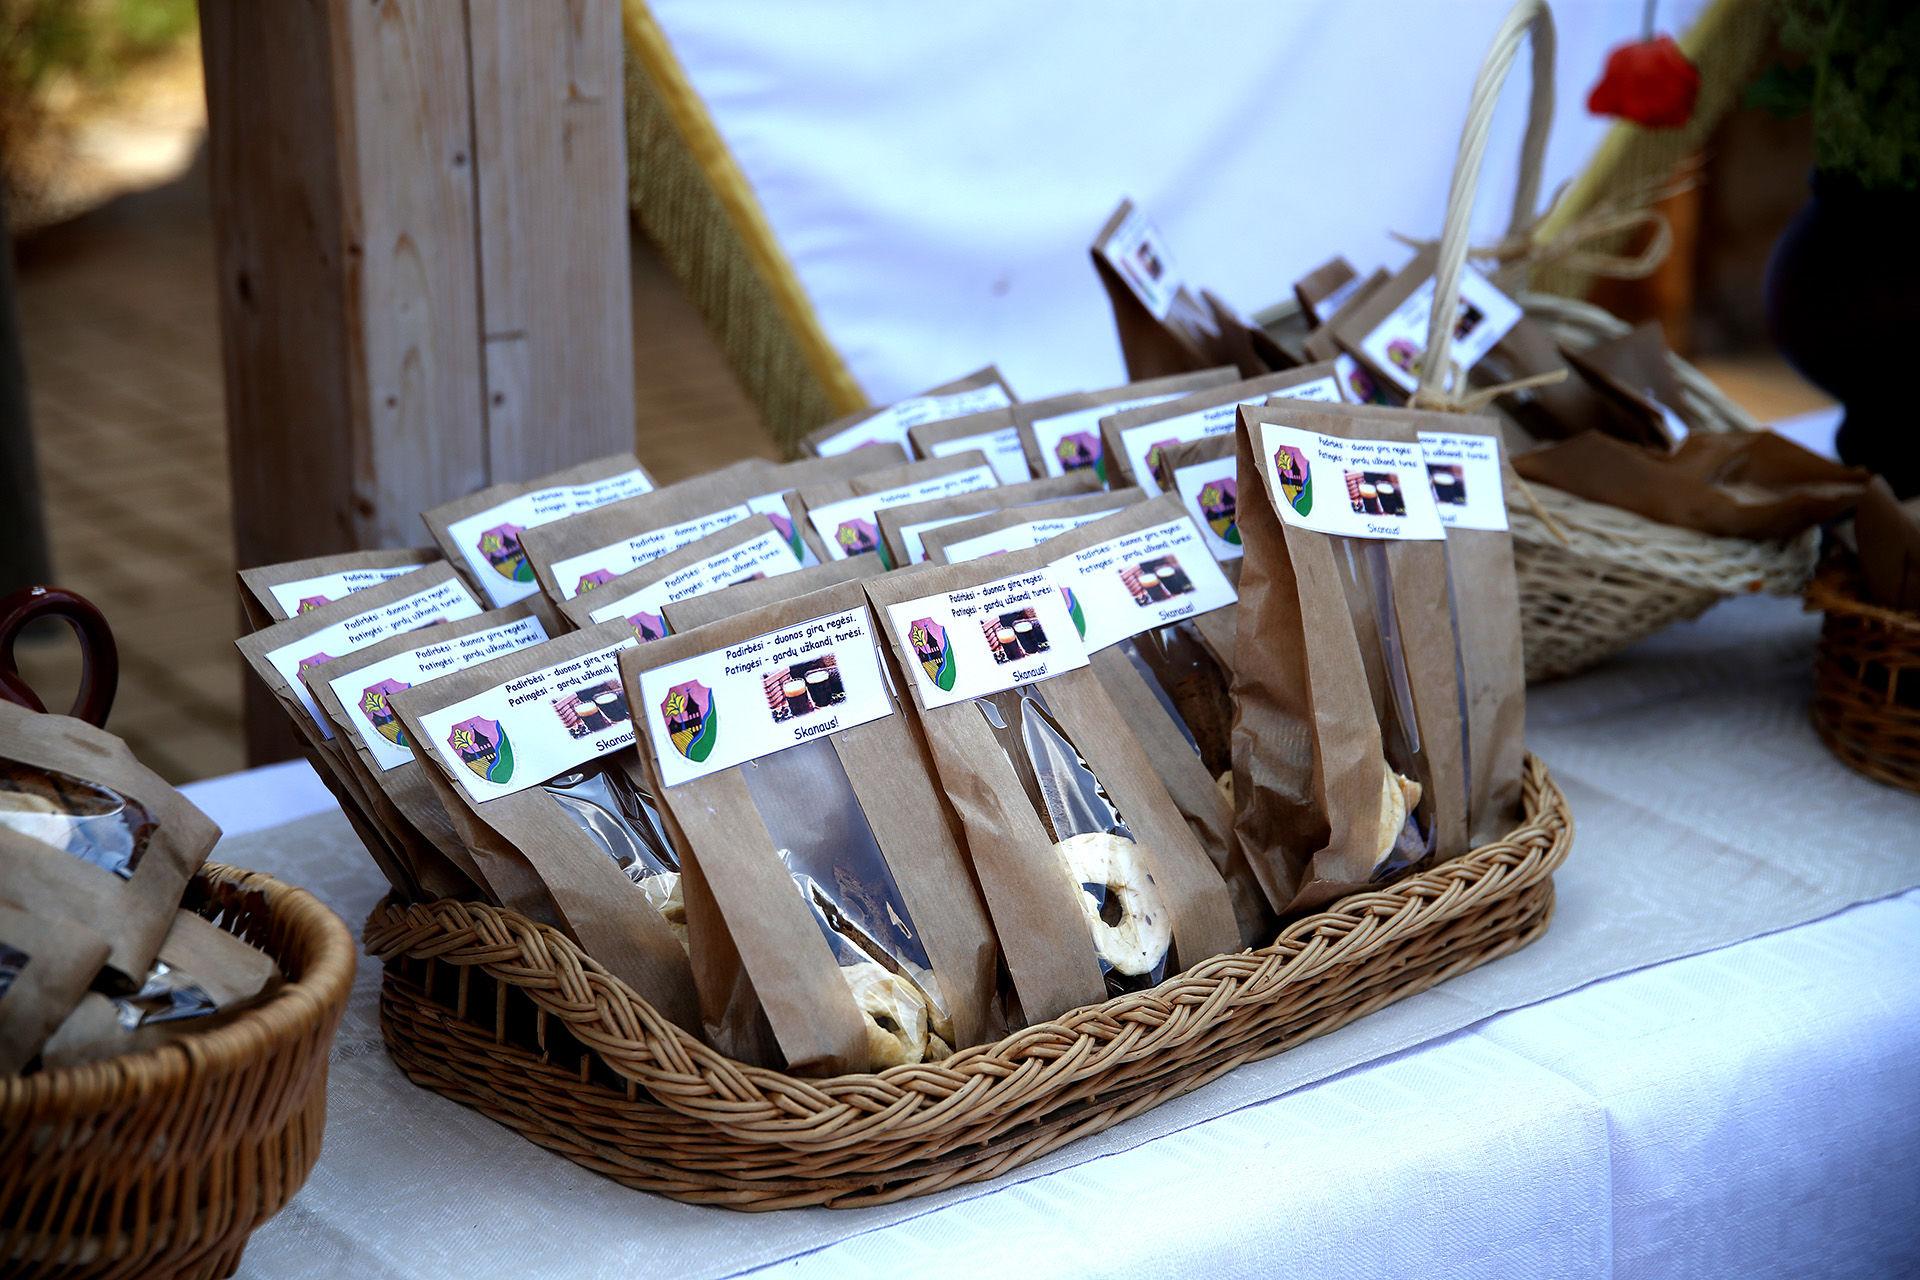 Labūnava – su duona ir su duonos gaminiais siejamas kaimas, todėl visiems apsilankiusiesiems buvo įteikti giros gaminimo paruoštukai. A. Barzdžiaus nuotr.